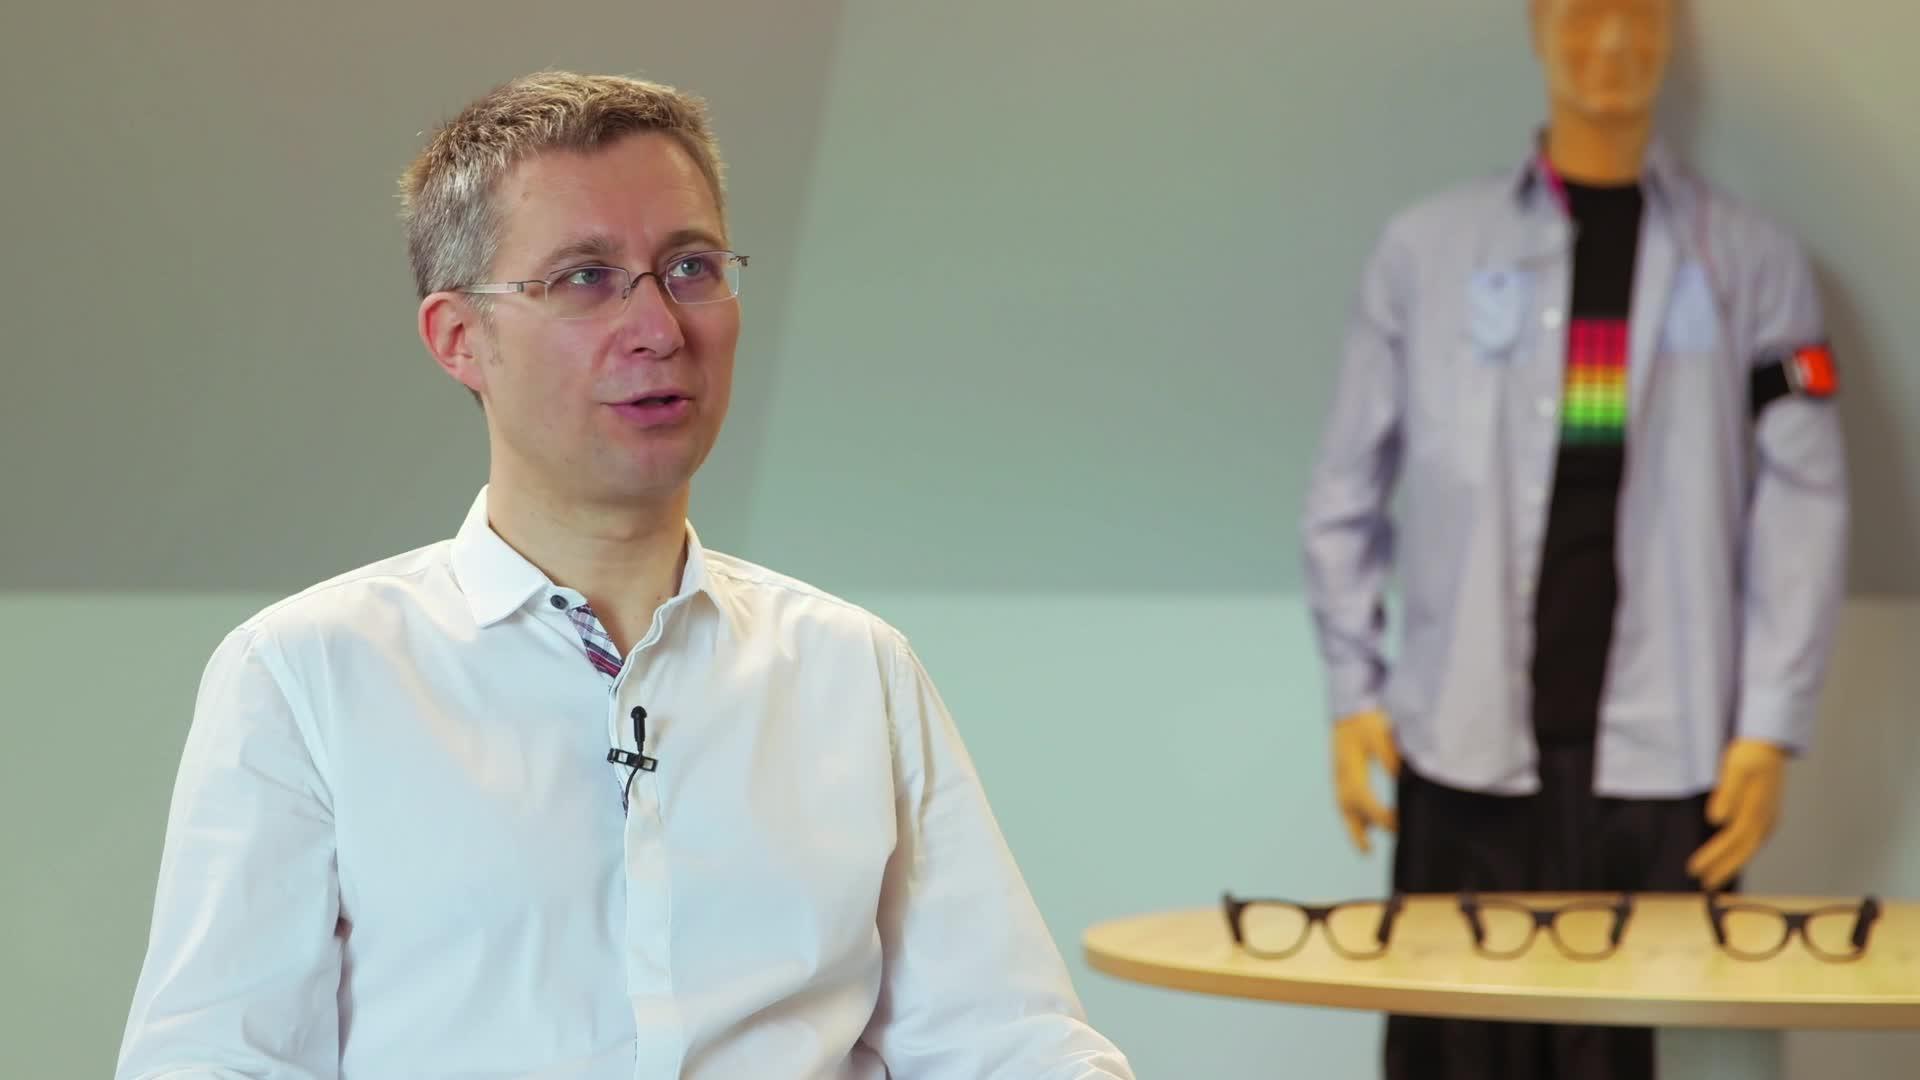 Prof. Dr. Oliver Amft - Computeralgorithmen zur Analyse von klinischen Daten preview image